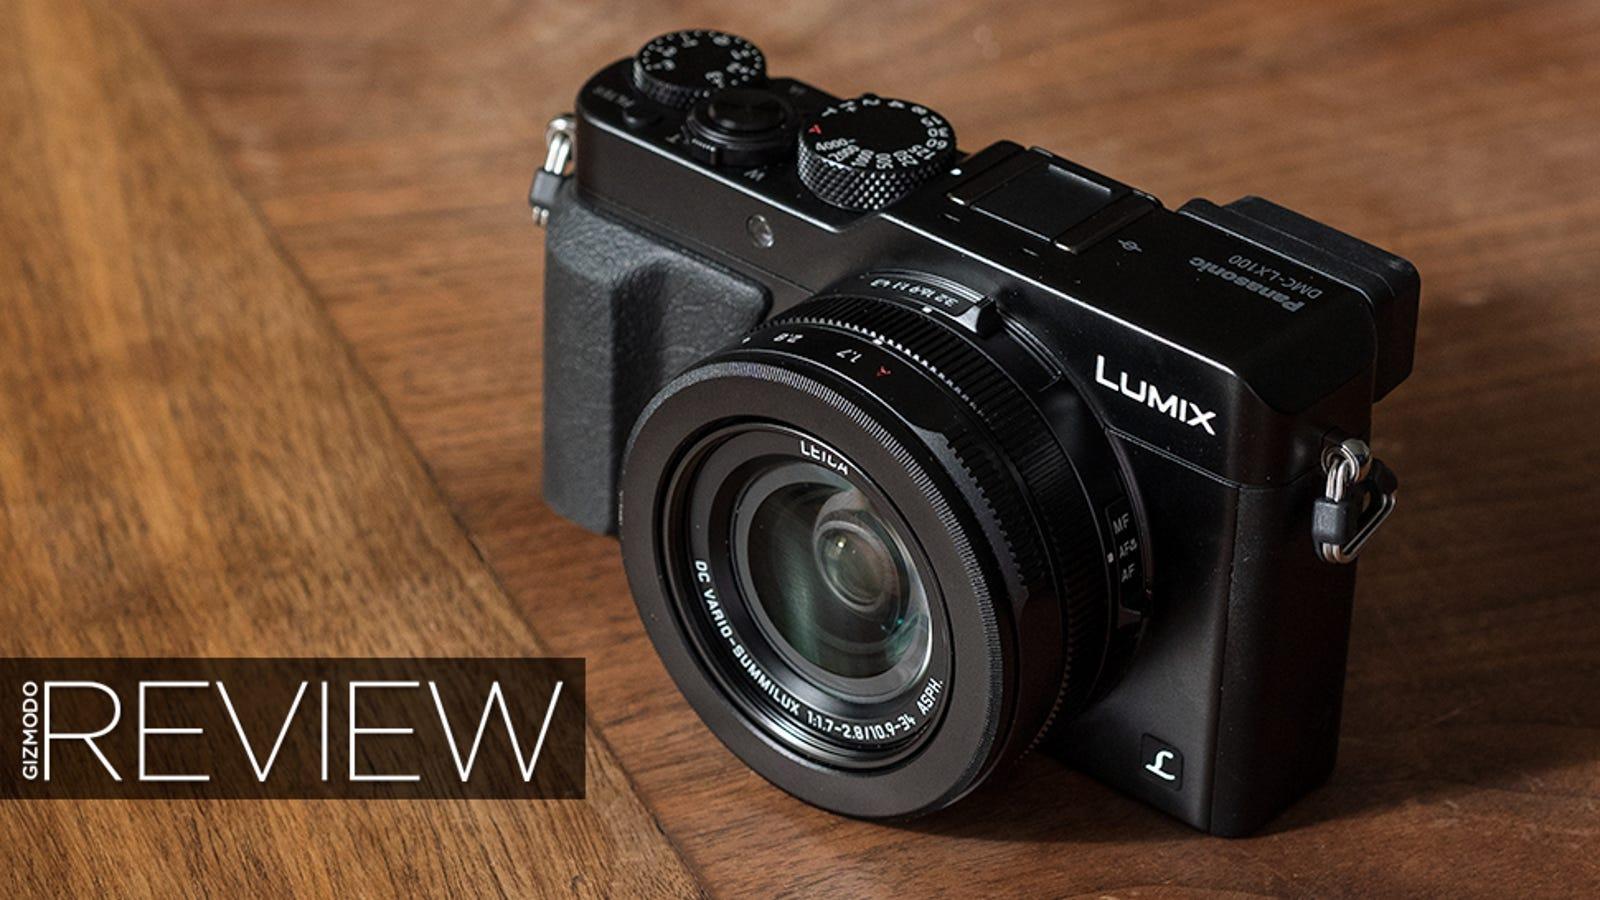 Panasonic LX100 Review: A Small Camera So Good At So Many Things